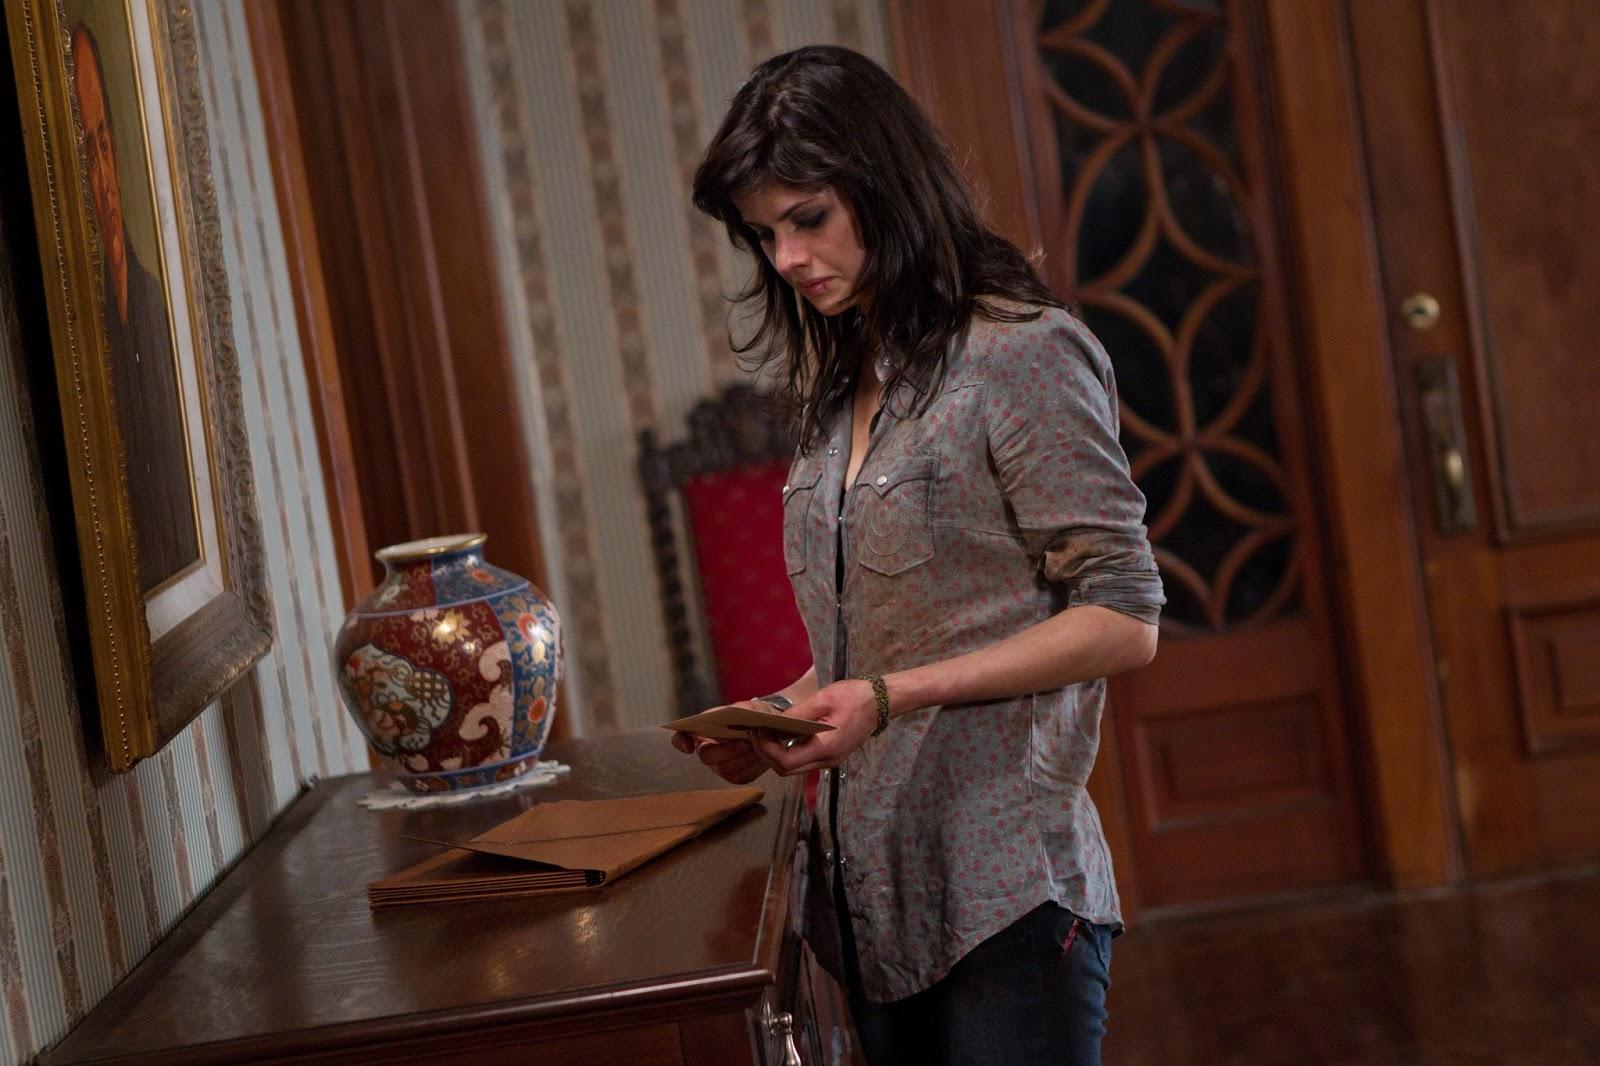 Alexandra daddario the attic 2007 - 2 part 9